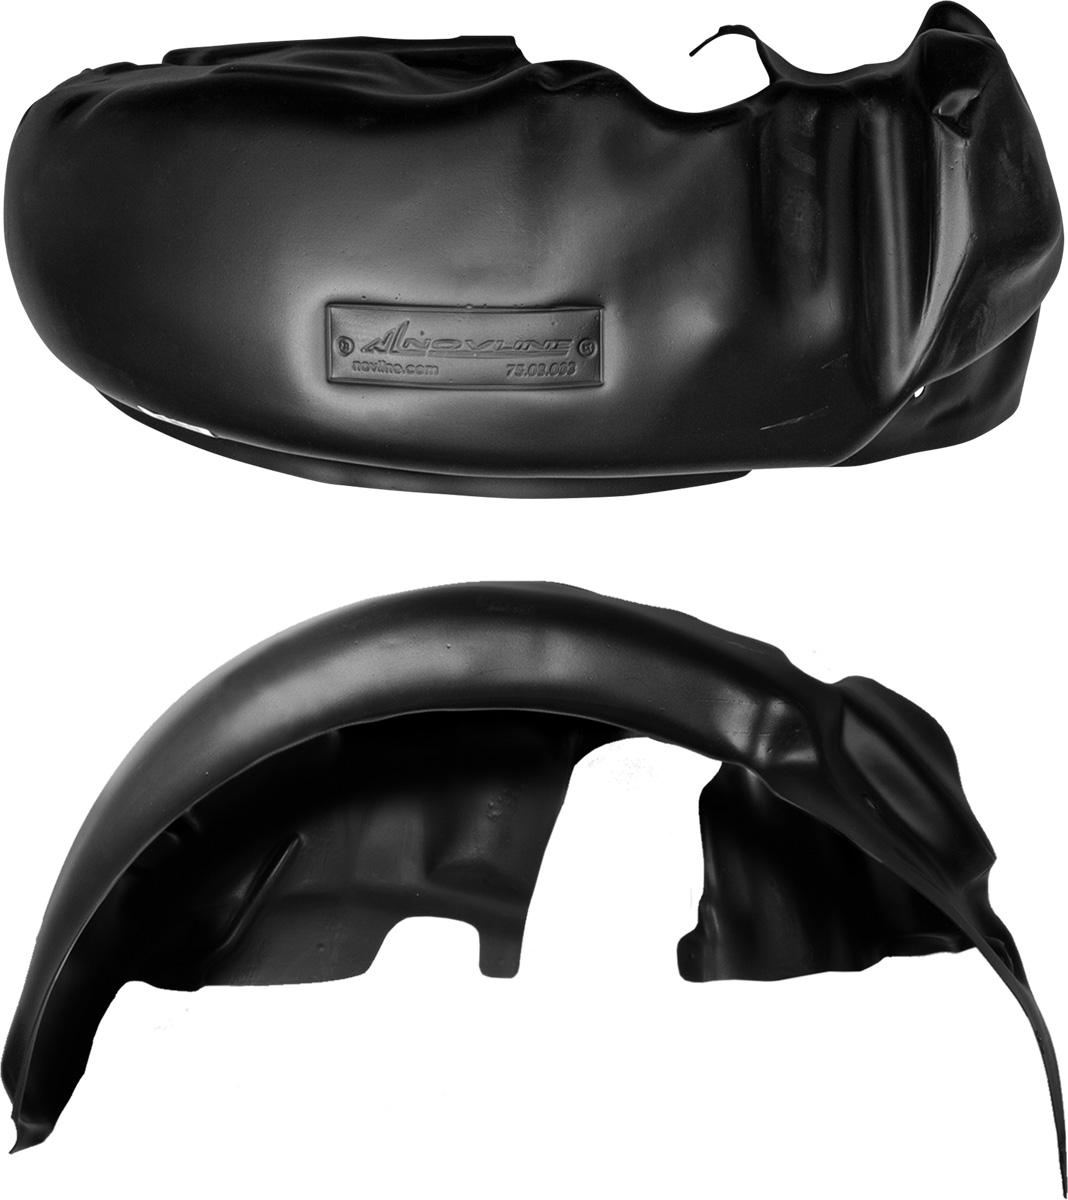 Подкрылок RENAULT Sandero 2010-07/2013, задний левый98298130Колесные ниши – одни из самых уязвимых зон днища вашего автомобиля. Они постоянно подвергаются воздействию со стороны дороги. Лучшая, почти абсолютная защита для них - специально отформованные пластиковые кожухи, которые называются подкрылками, или локерами. Производятся они как для отечественных моделей автомобилей, так и для иномарок. Подкрылки выполнены из высококачественного, экологически чистого пластика. Обеспечивают надежную защиту кузова автомобиля от пескоструйного эффекта и негативного влияния, агрессивных антигололедных реагентов. Пластик обладает более низкой теплопроводностью, чем металл, поэтому в зимний период эксплуатации использование пластиковых подкрылков позволяет лучше защитить колесные ниши от налипания снега и образования наледи. Оригинальность конструкции подчеркивает элегантность автомобиля, бережно защищает нанесенное на днище кузова антикоррозийное покрытие и позволяет осуществить крепление подкрылков внутри колесной арки практически без дополнительного крепежа и сверления, не нарушая при этом лакокрасочного покрытия, что предотвращает возникновение новых очагов коррозии. Технология крепления подкрылков на иномарки принципиально отличается от крепления на российские автомобили и разрабатывается индивидуально для каждой модели автомобиля. Подкрылки долговечны, обладают высокой прочностью и сохраняют заданную форму, а также все свои физико-механические характеристики в самых тяжелых климатических условиях ( от -50° С до + 50° С).